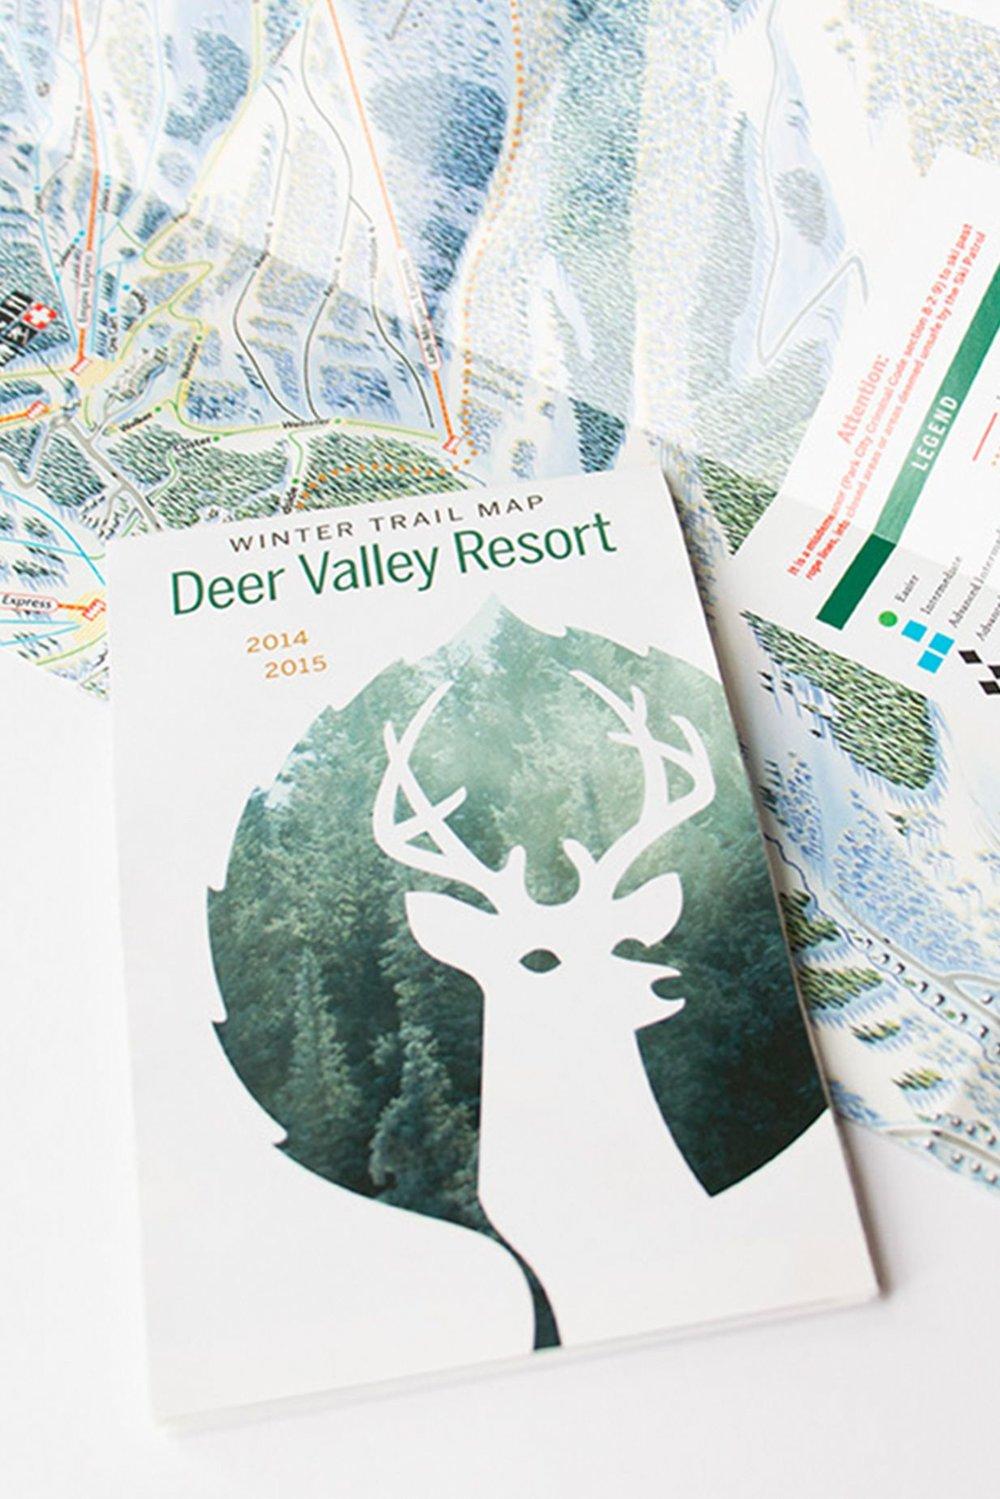 Deer Valley Resort | Struck on